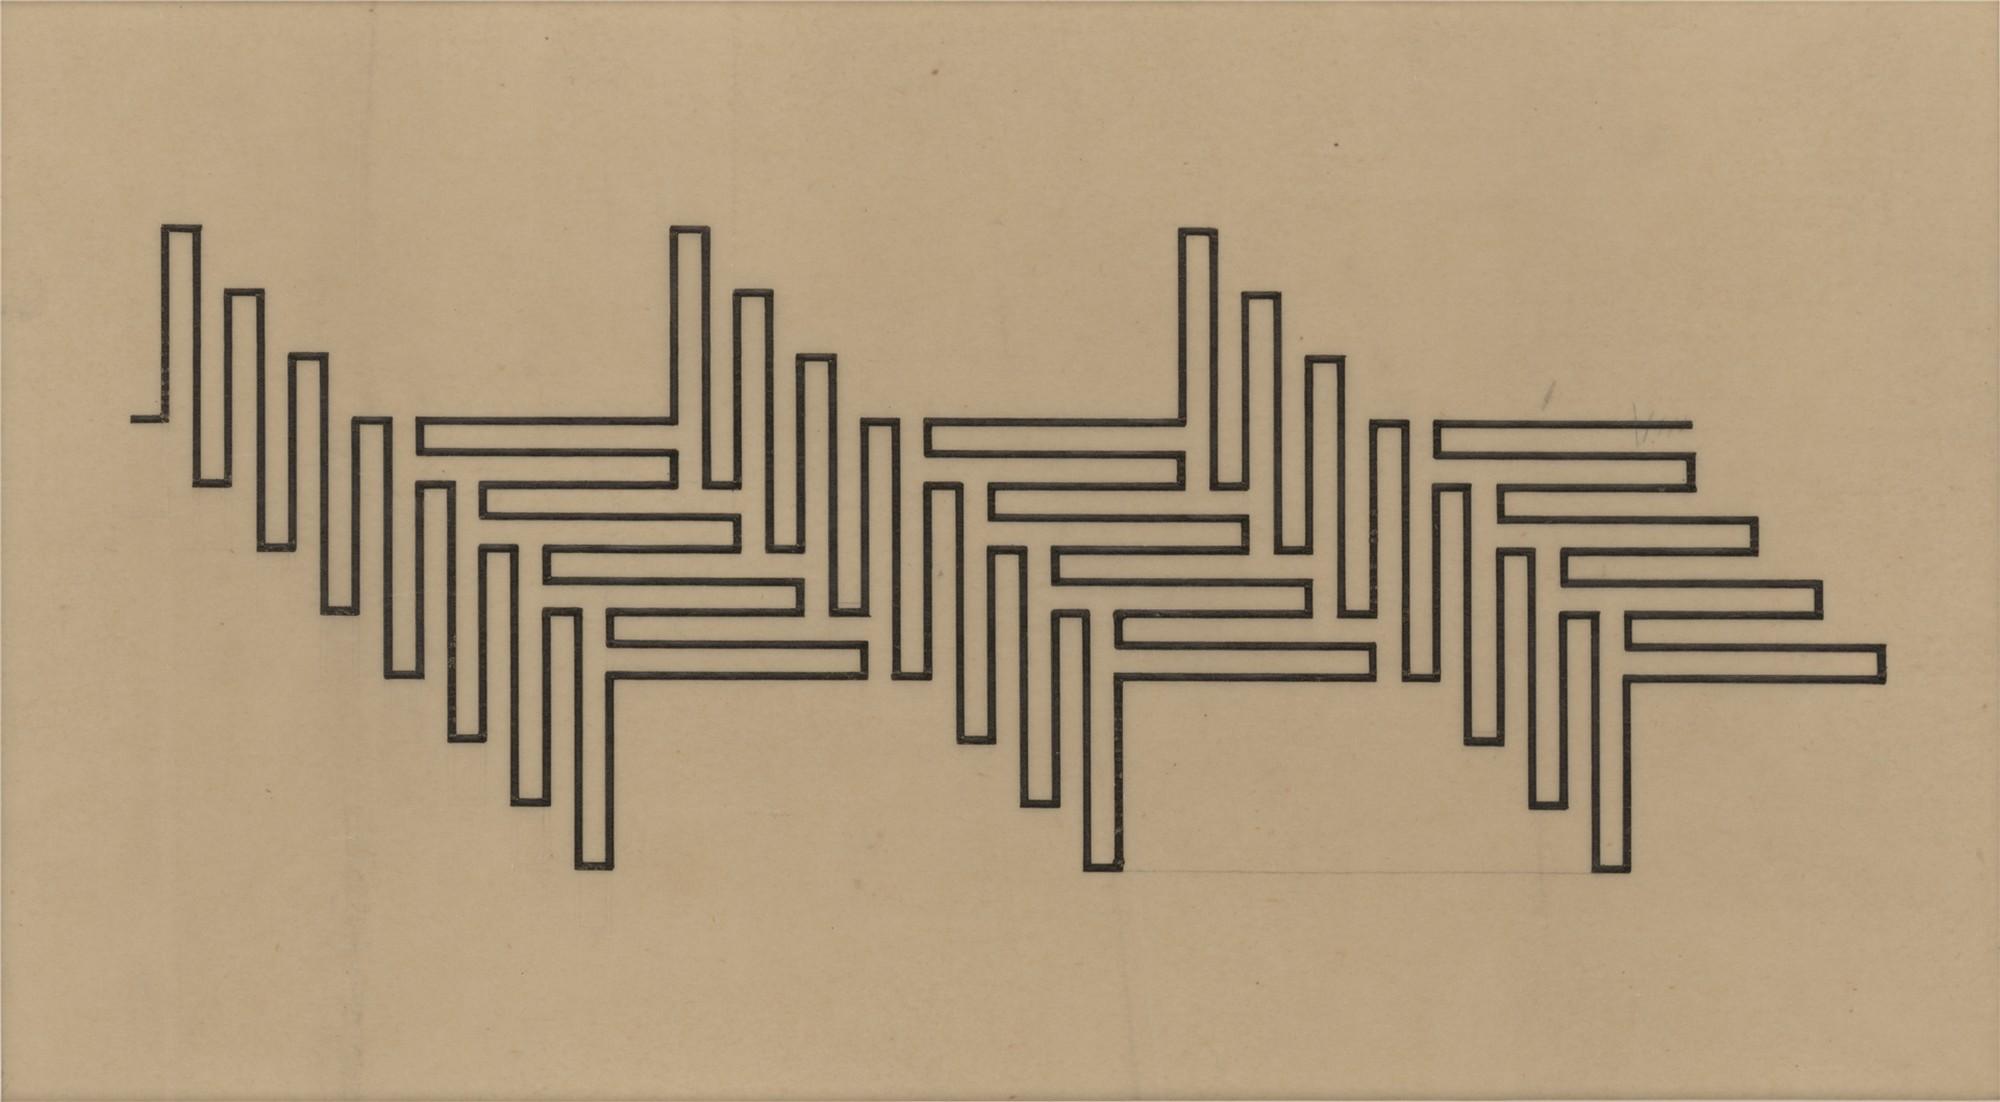 Wacław Szpakowski, Z serii A: A 1, 1930, kalka, tusz (źródło: materiały prasowe)